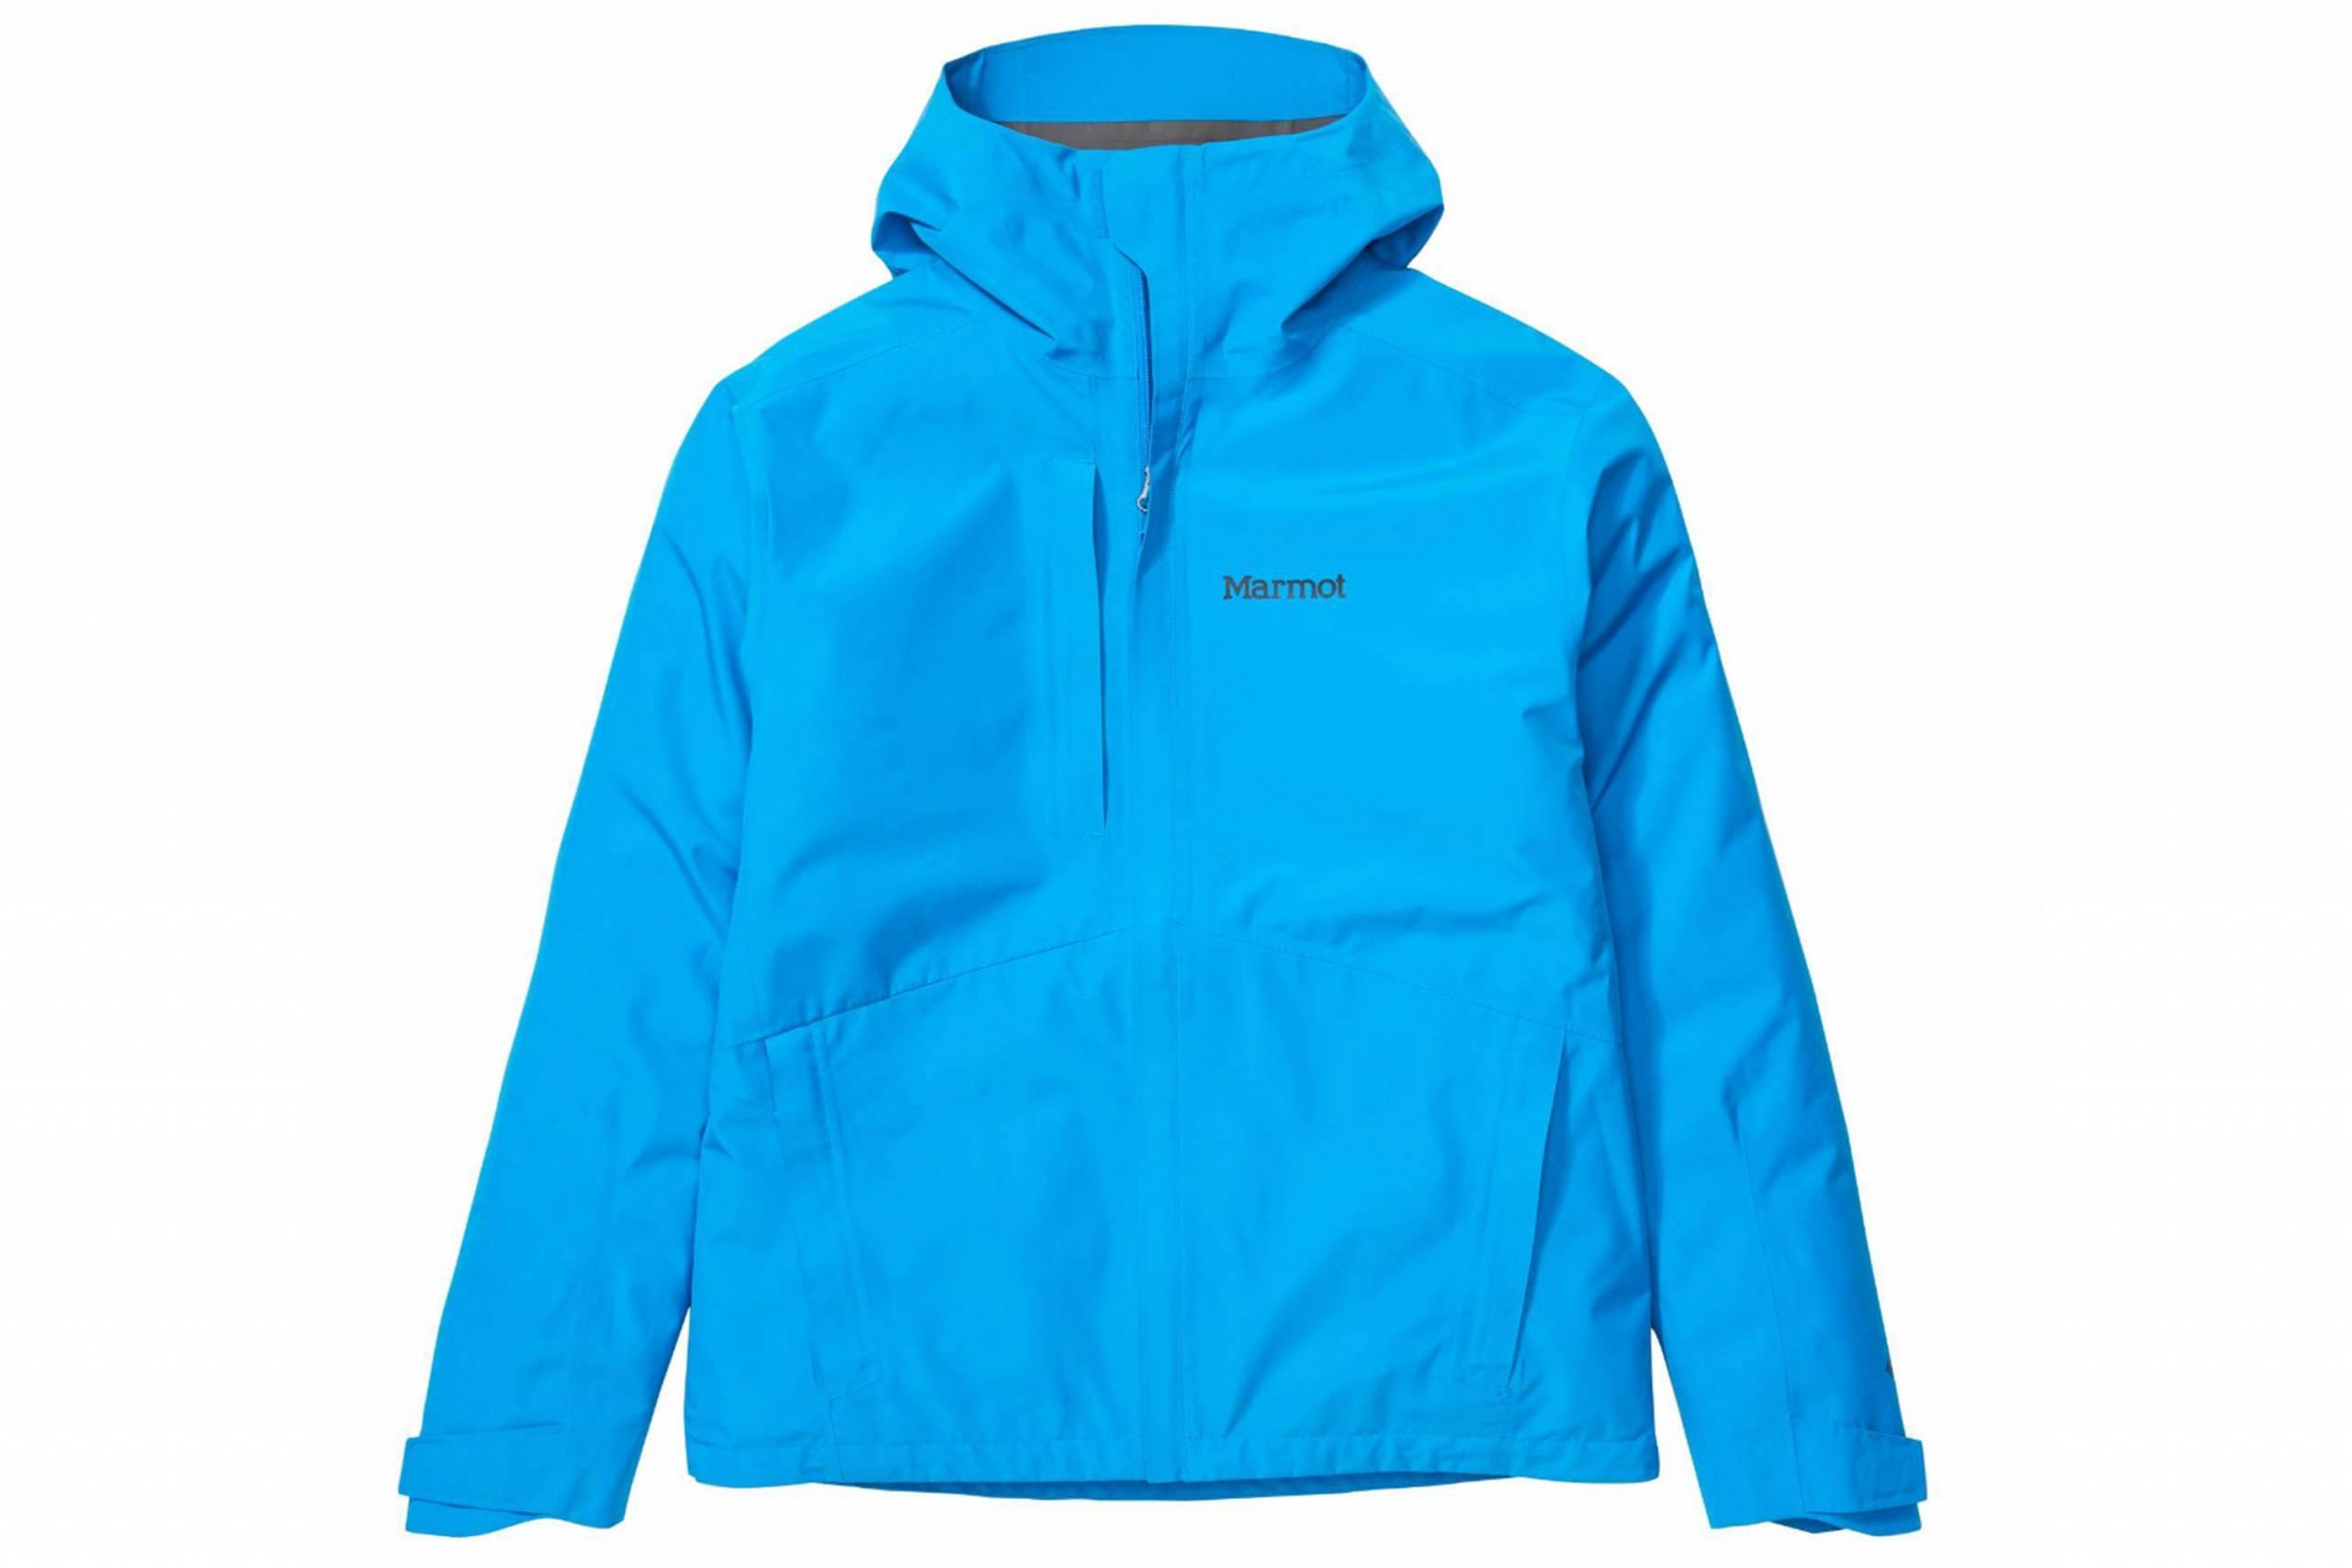 bright blue marmot rain jacket against white background